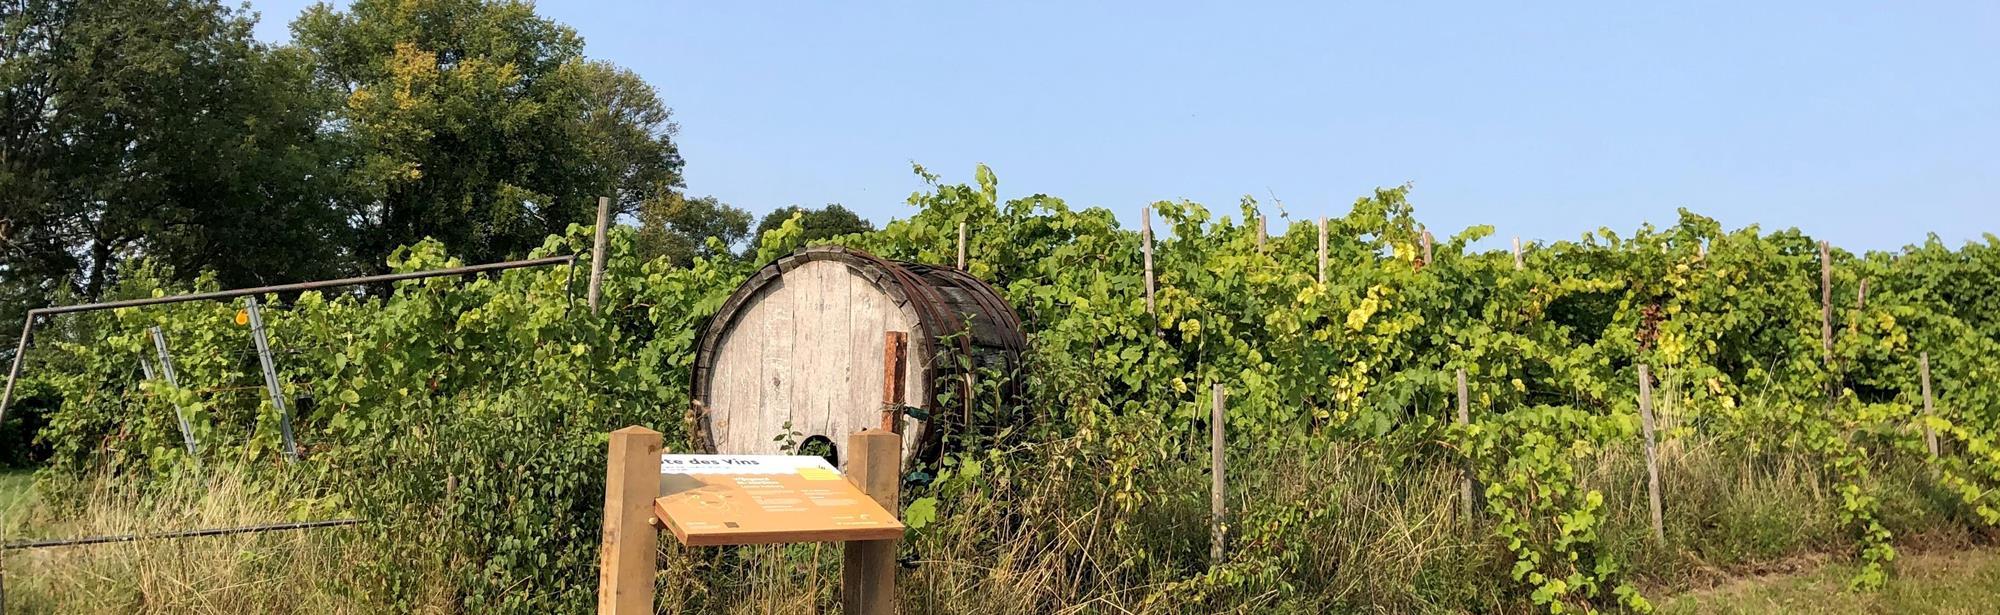 Route des Vins Land van Kalk Winthagen Vi4